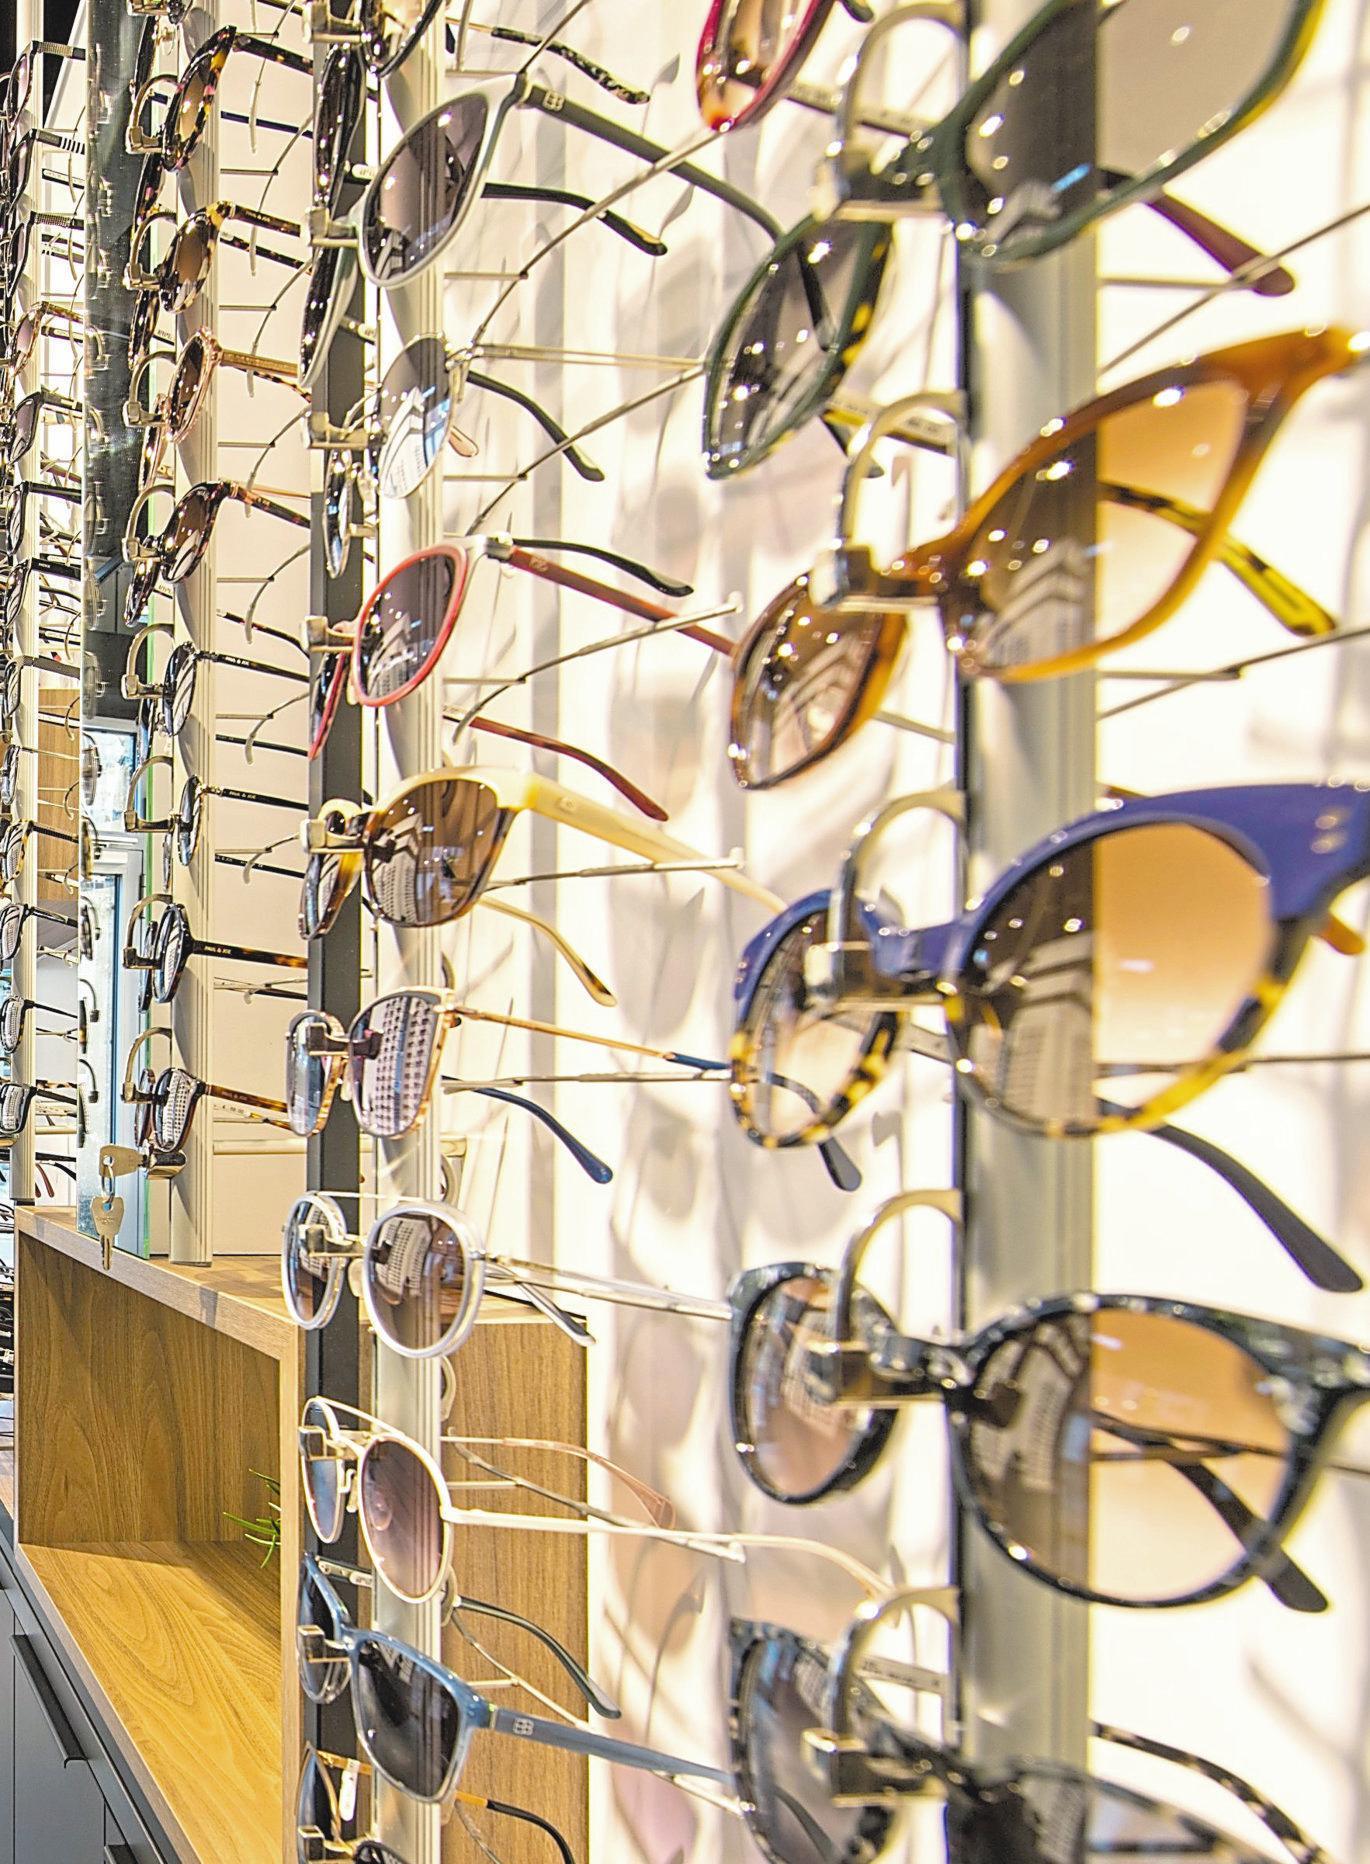 1500 Fassungen und 500 Sonnenbrillen, die große Auswahl top-aktueller Brillen kann sich sehen lassen.